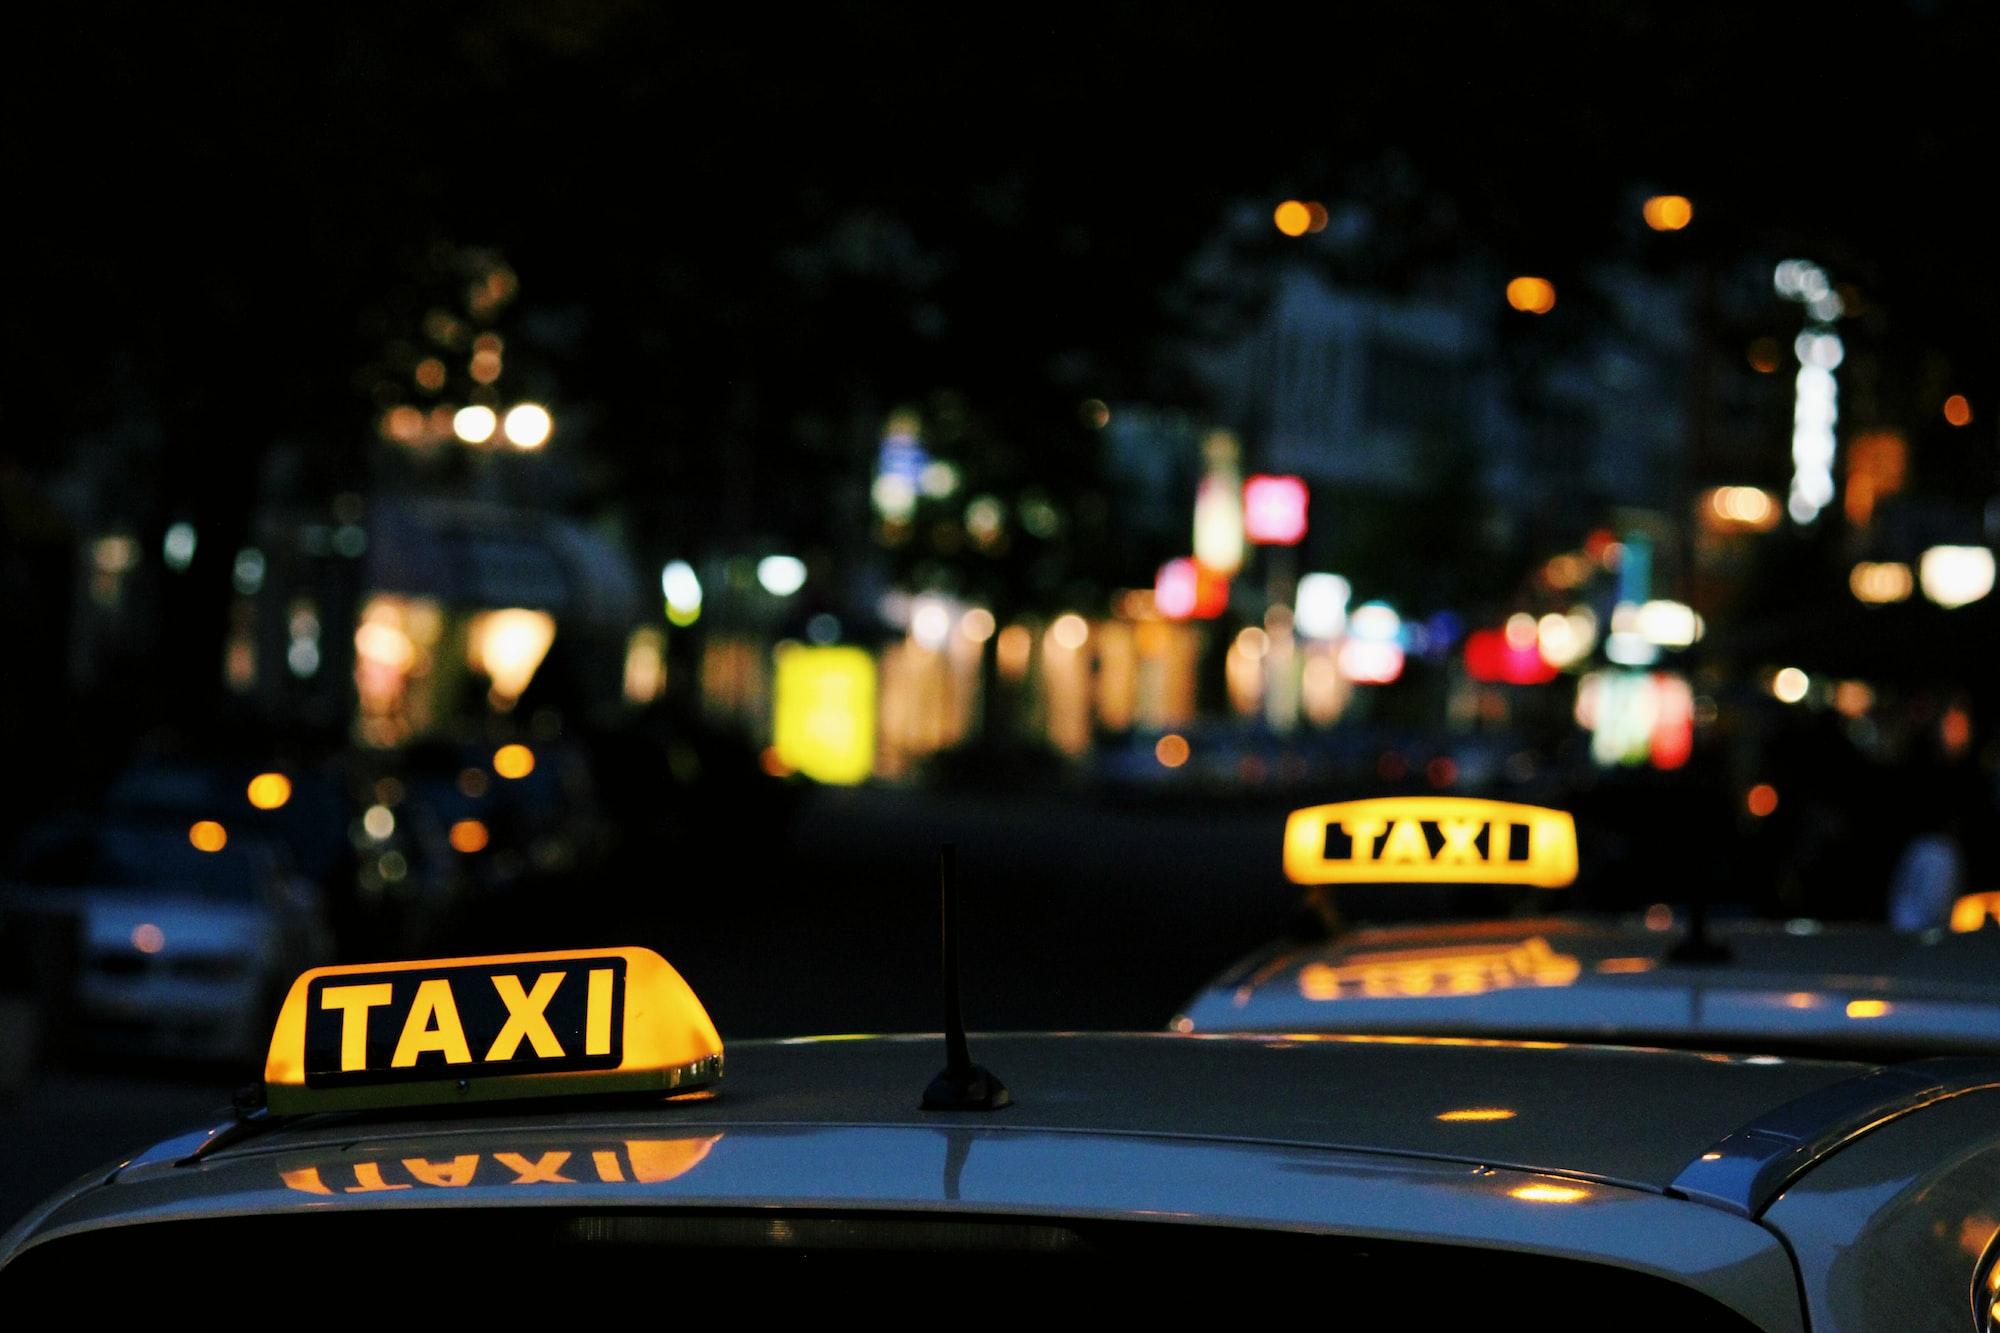 Tecnología: Taxistas y apps de movilidad: ¿el fin del conflicto?